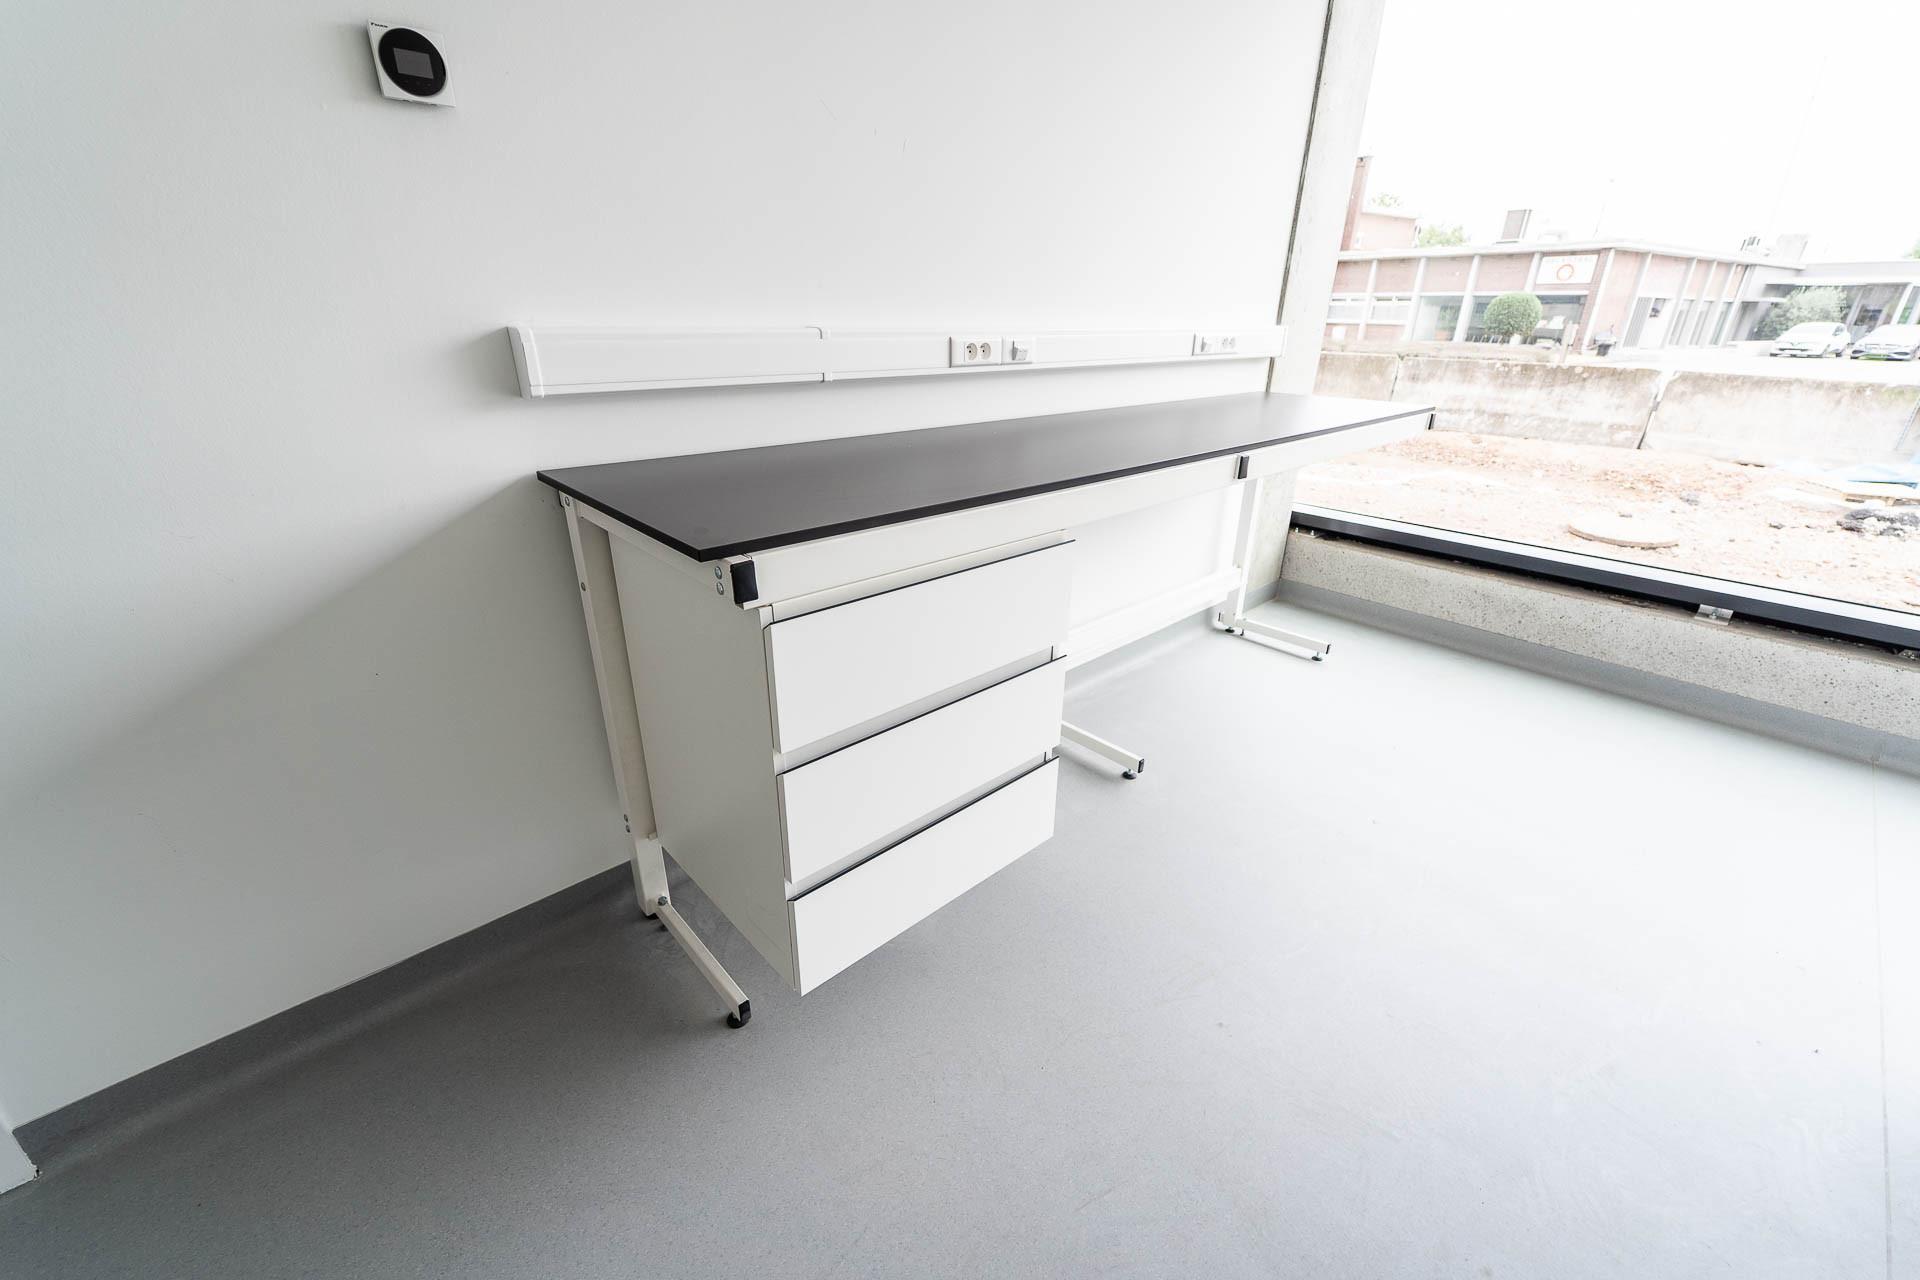 Table de labo type C